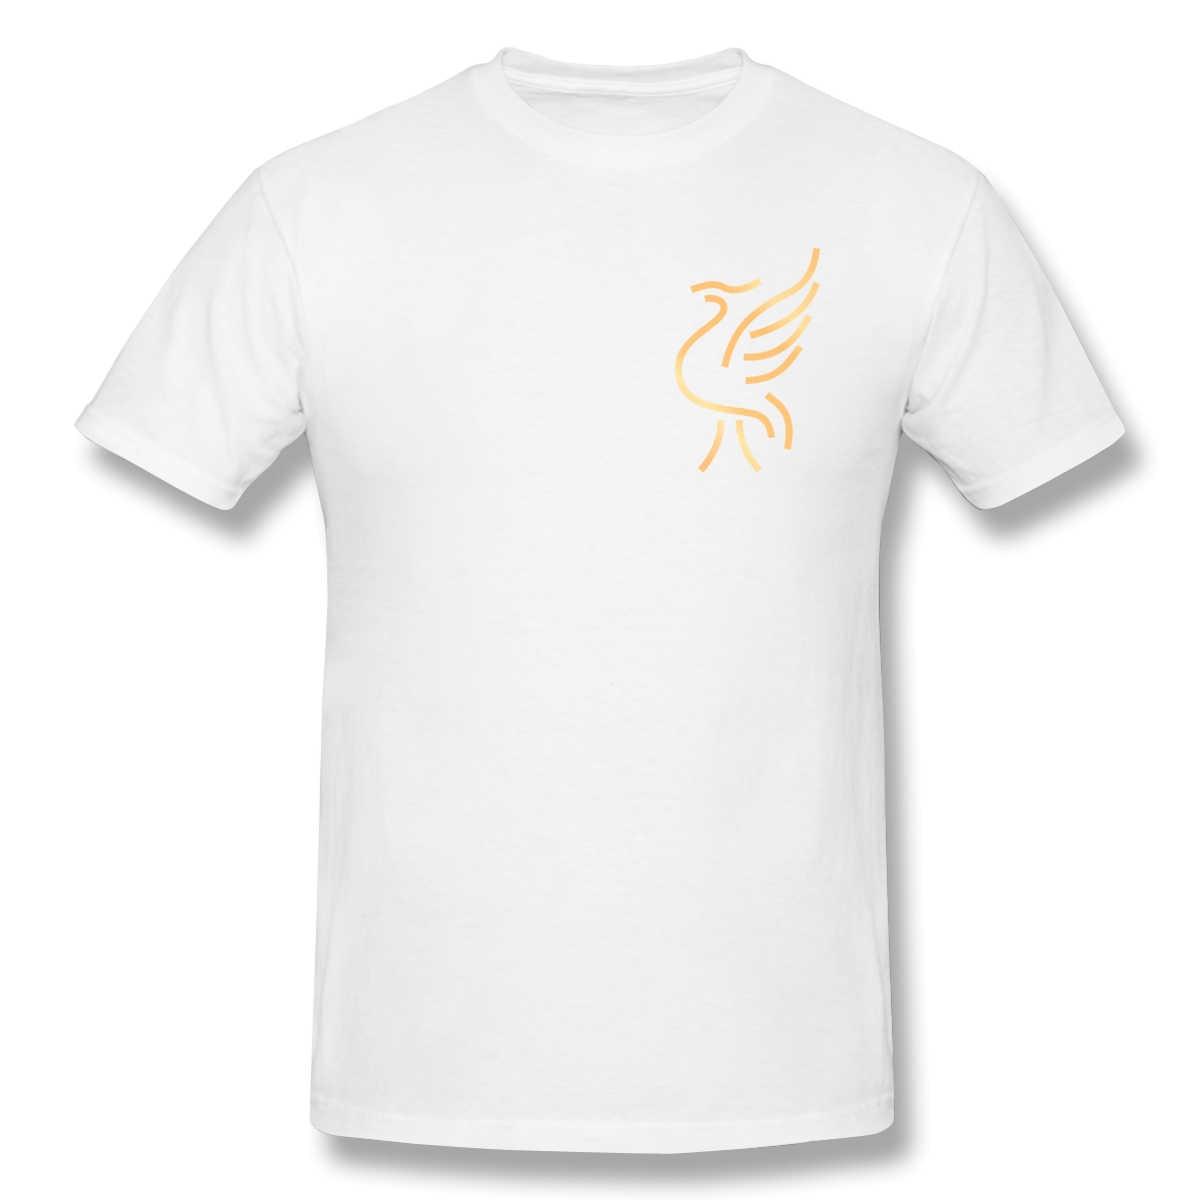 2020 nueva llegada 125 años de fútbol equipo ofertas gran venta Camiseta 100% algodón Liverpool adulto camiseta del cuello redondo